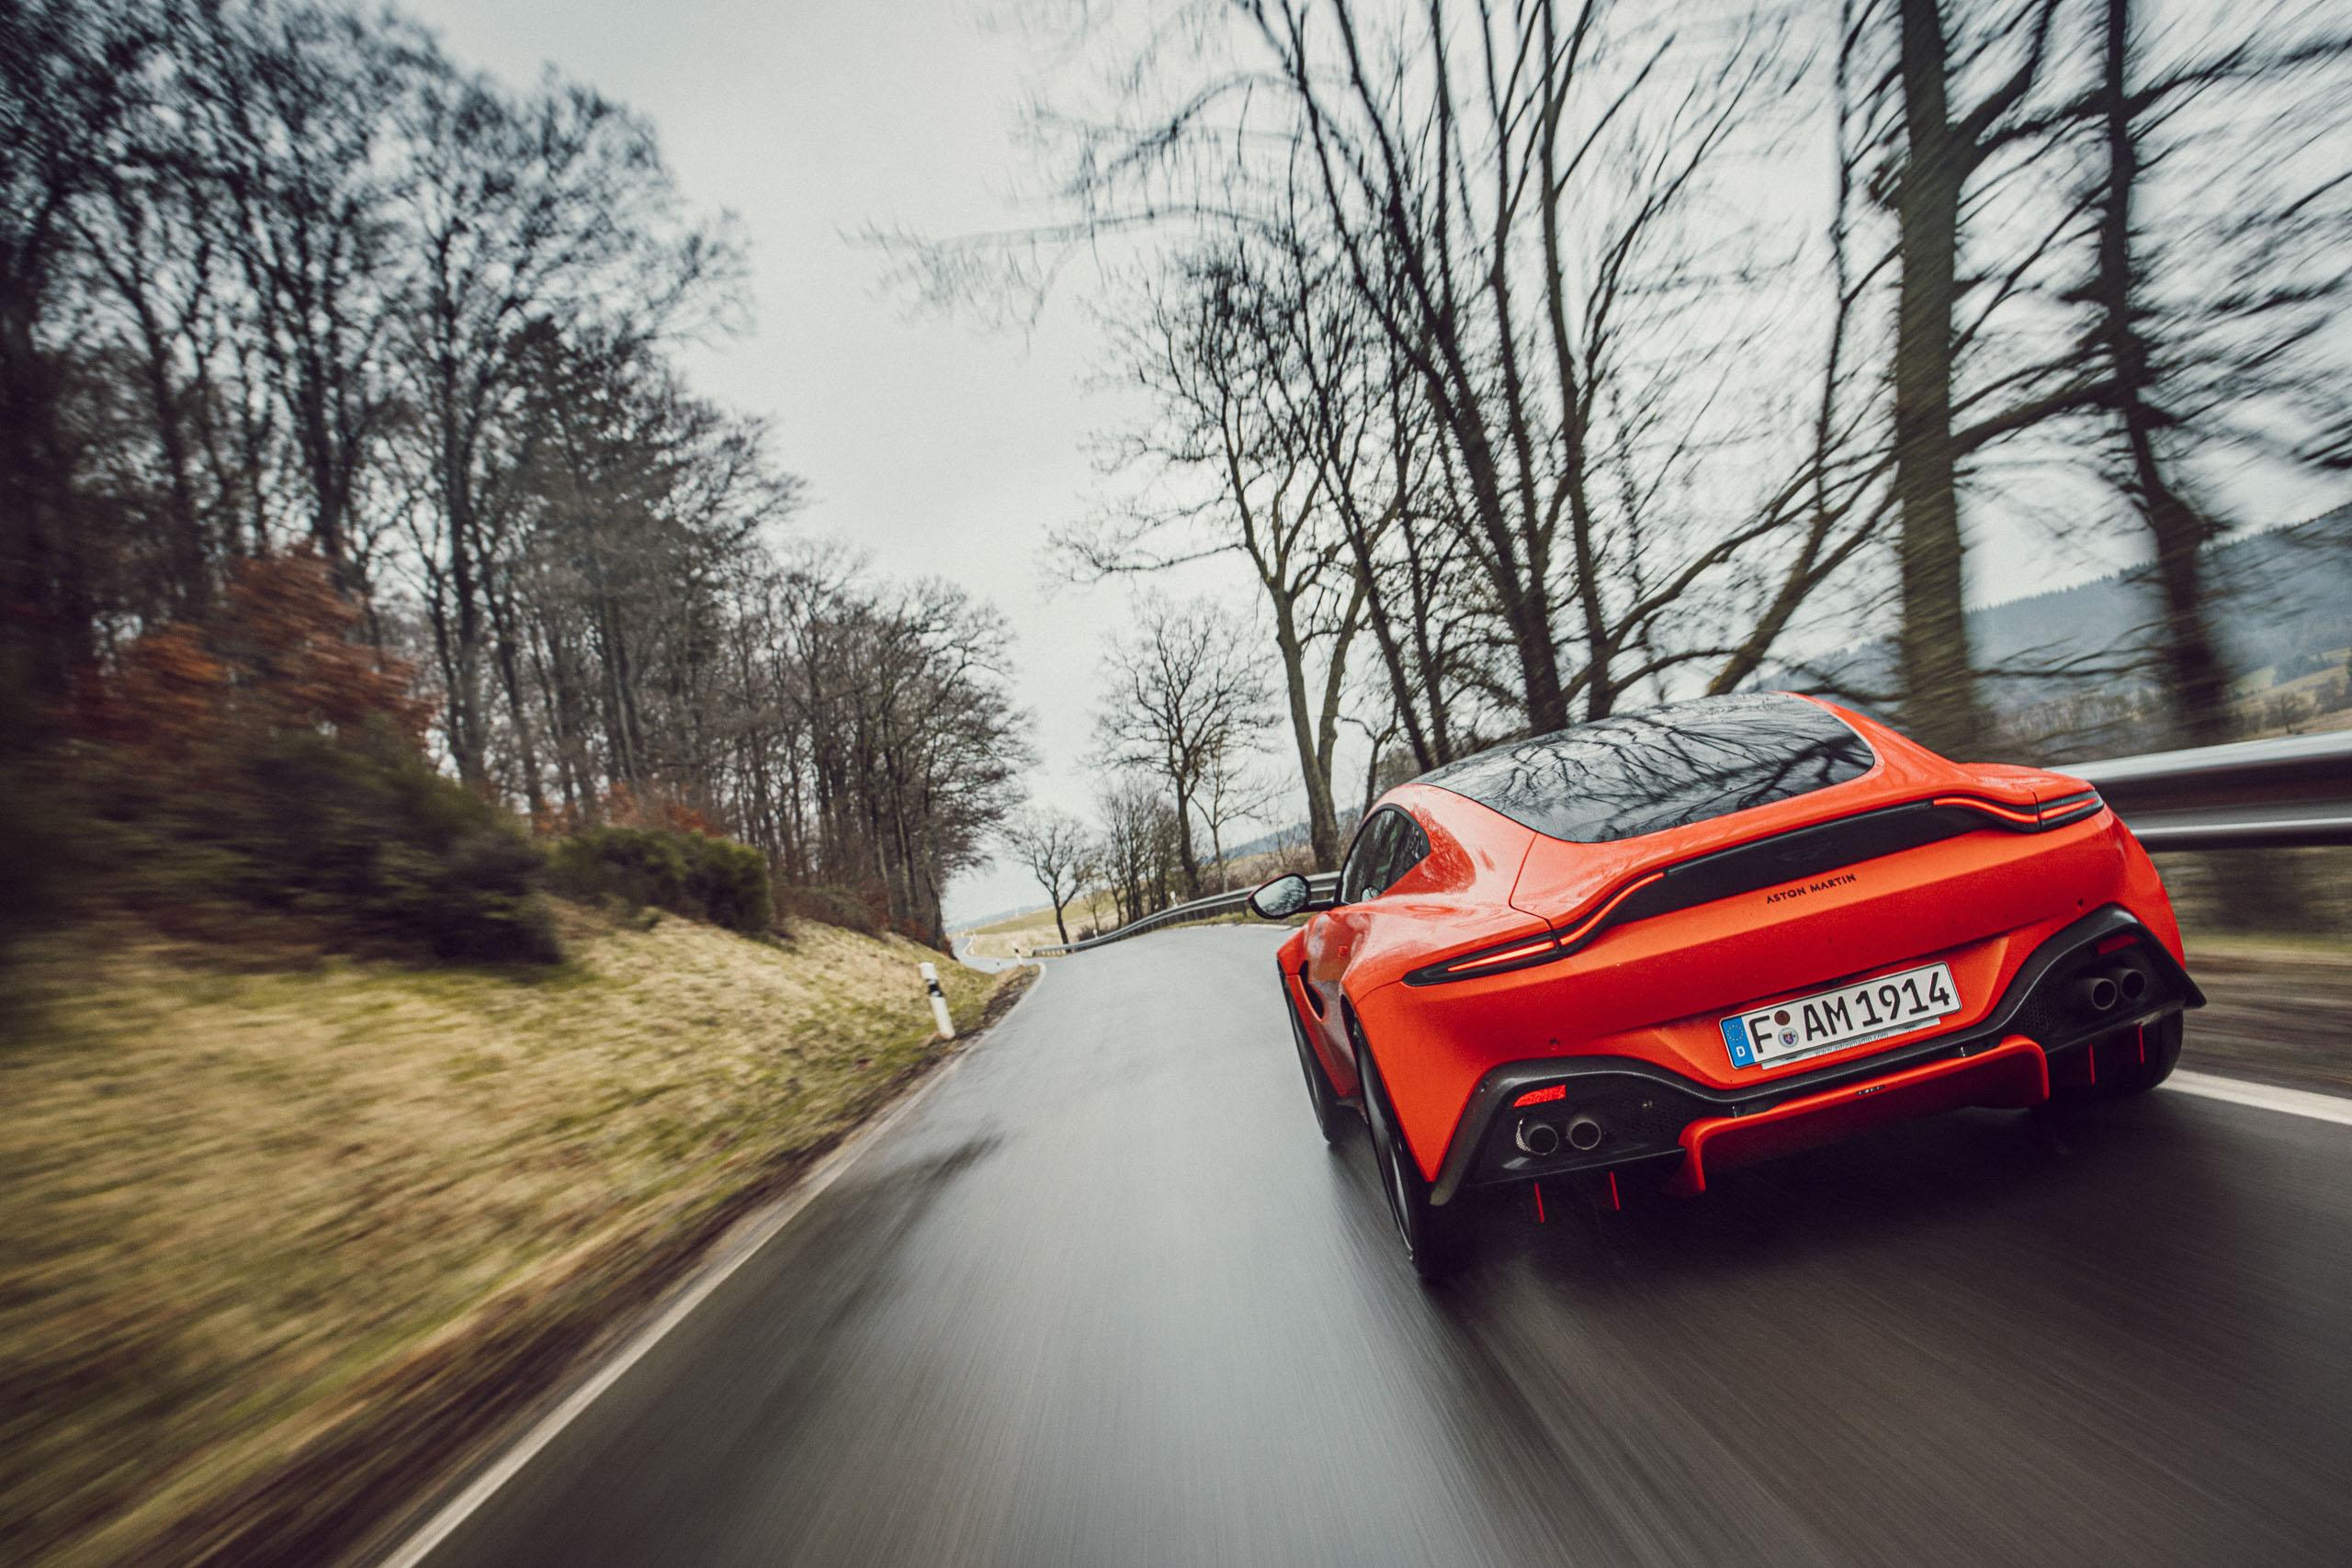 Roter Aston Martin Geneva während Regen bei der Fahrt von hinten